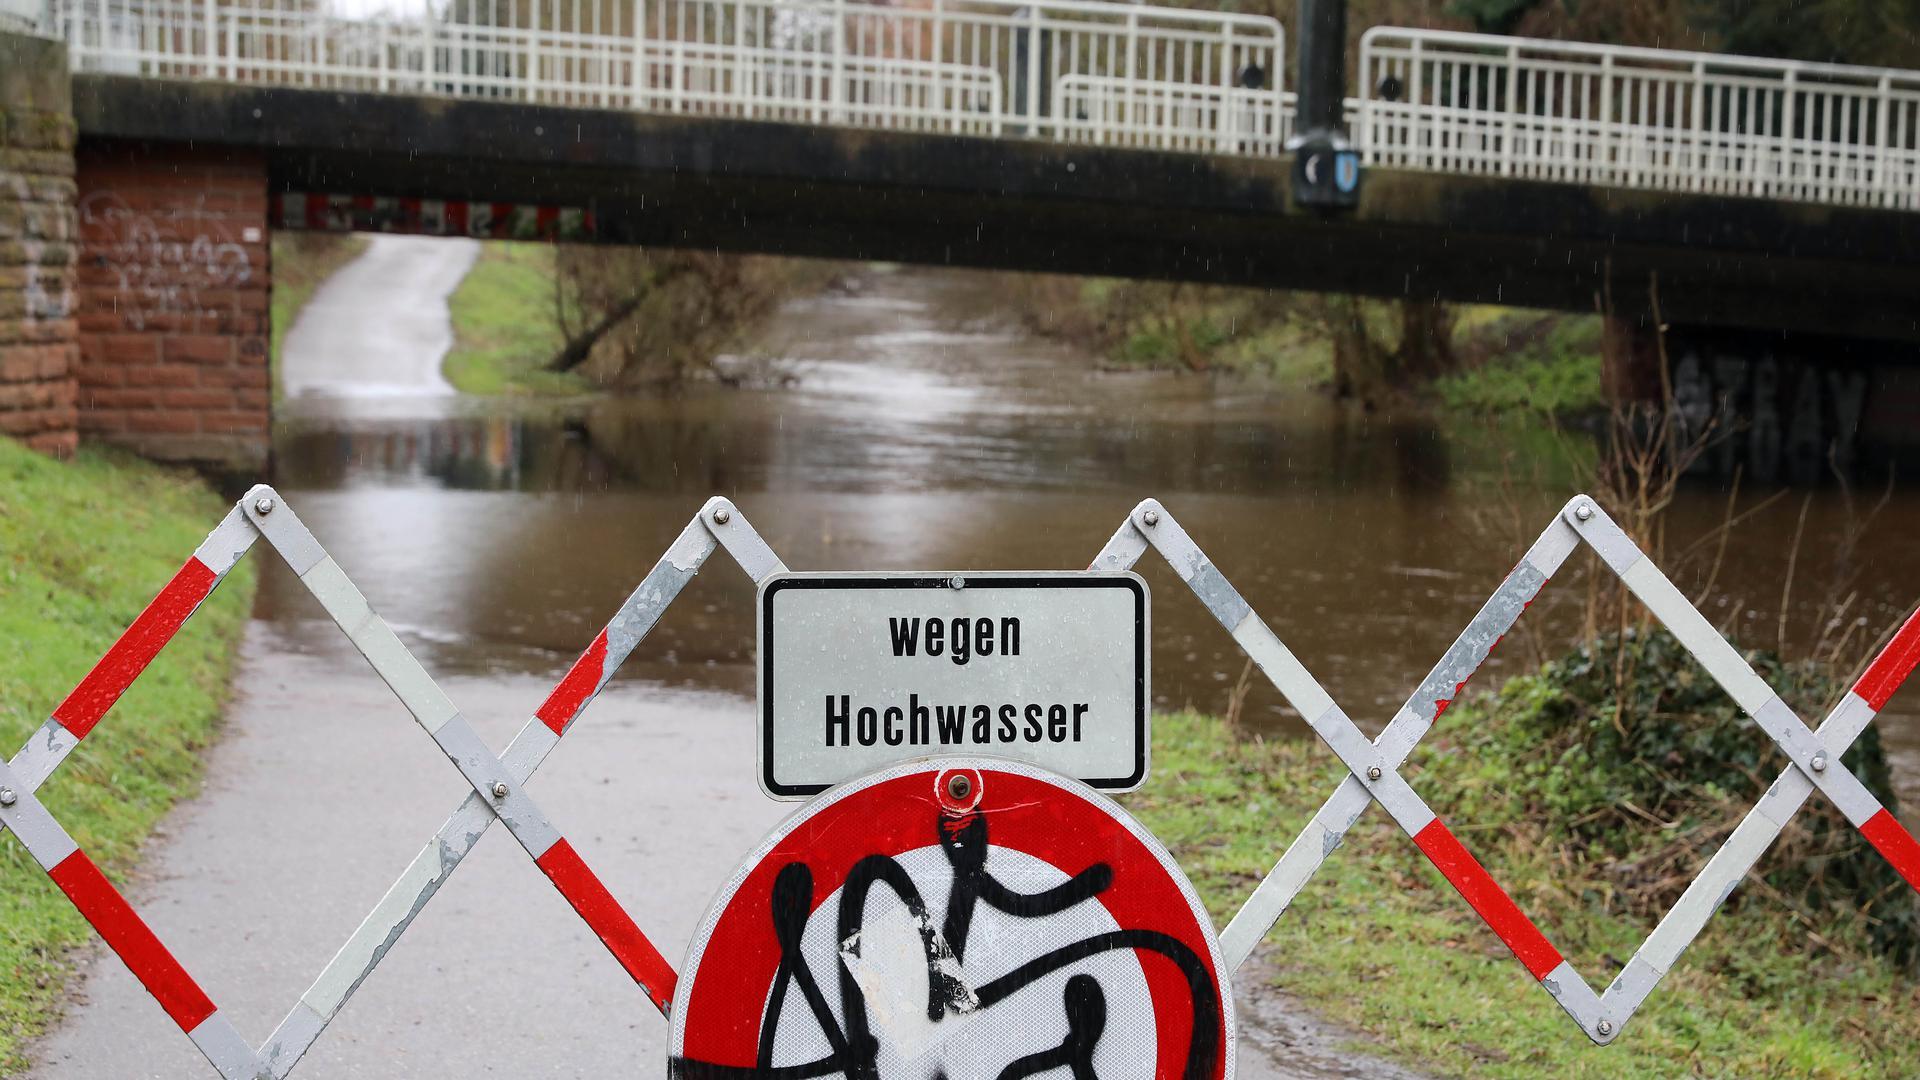 Land unter: Die Rad- und Fußwege entlang der Alb sind wegen des Hochwassers wie hier bei Beiertheim teilweise nicht passierbar.